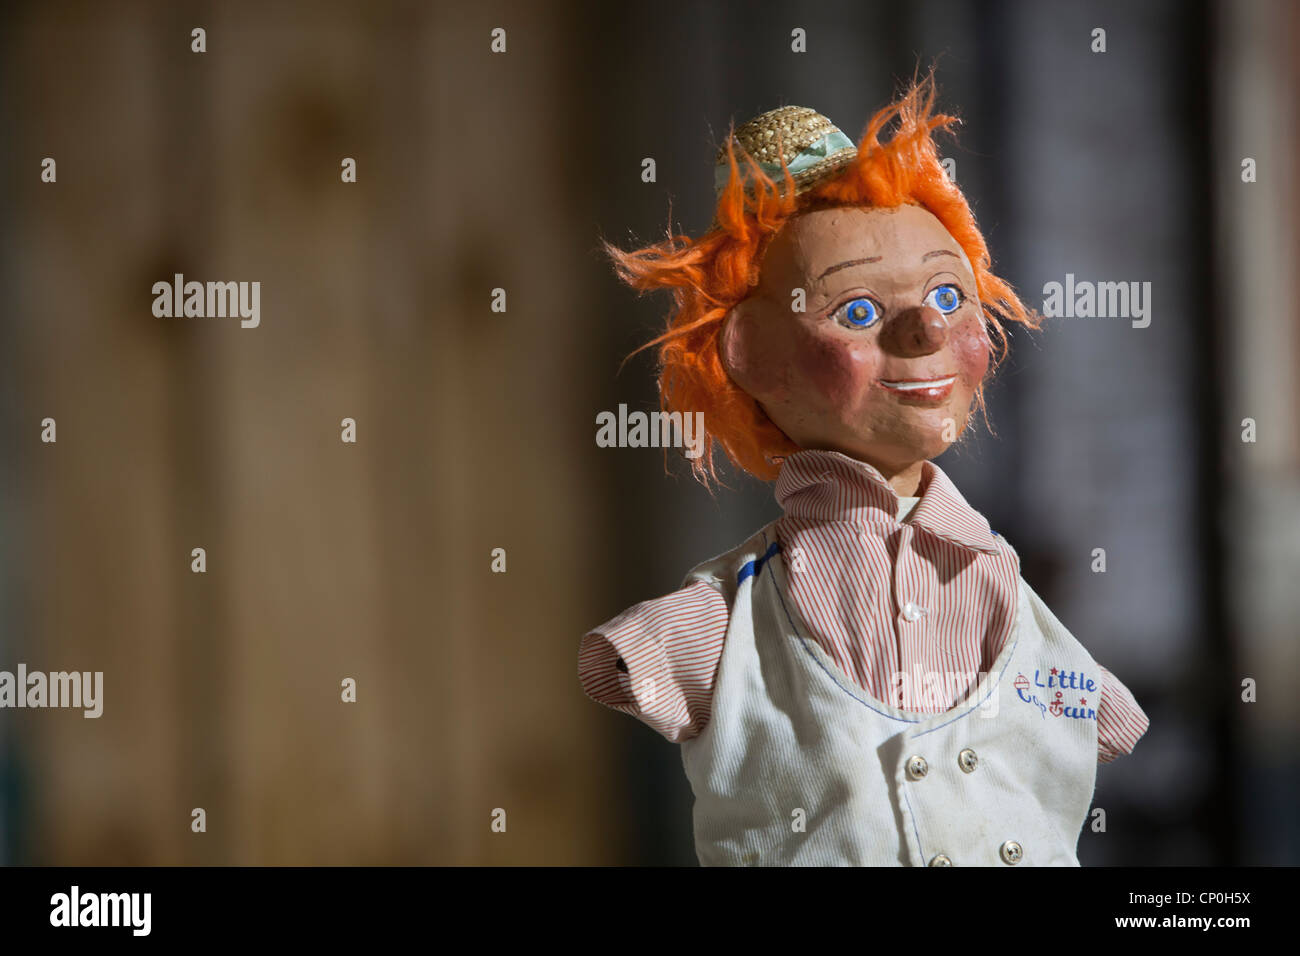 Creepy, bizarre manniquin doll - Stock Image